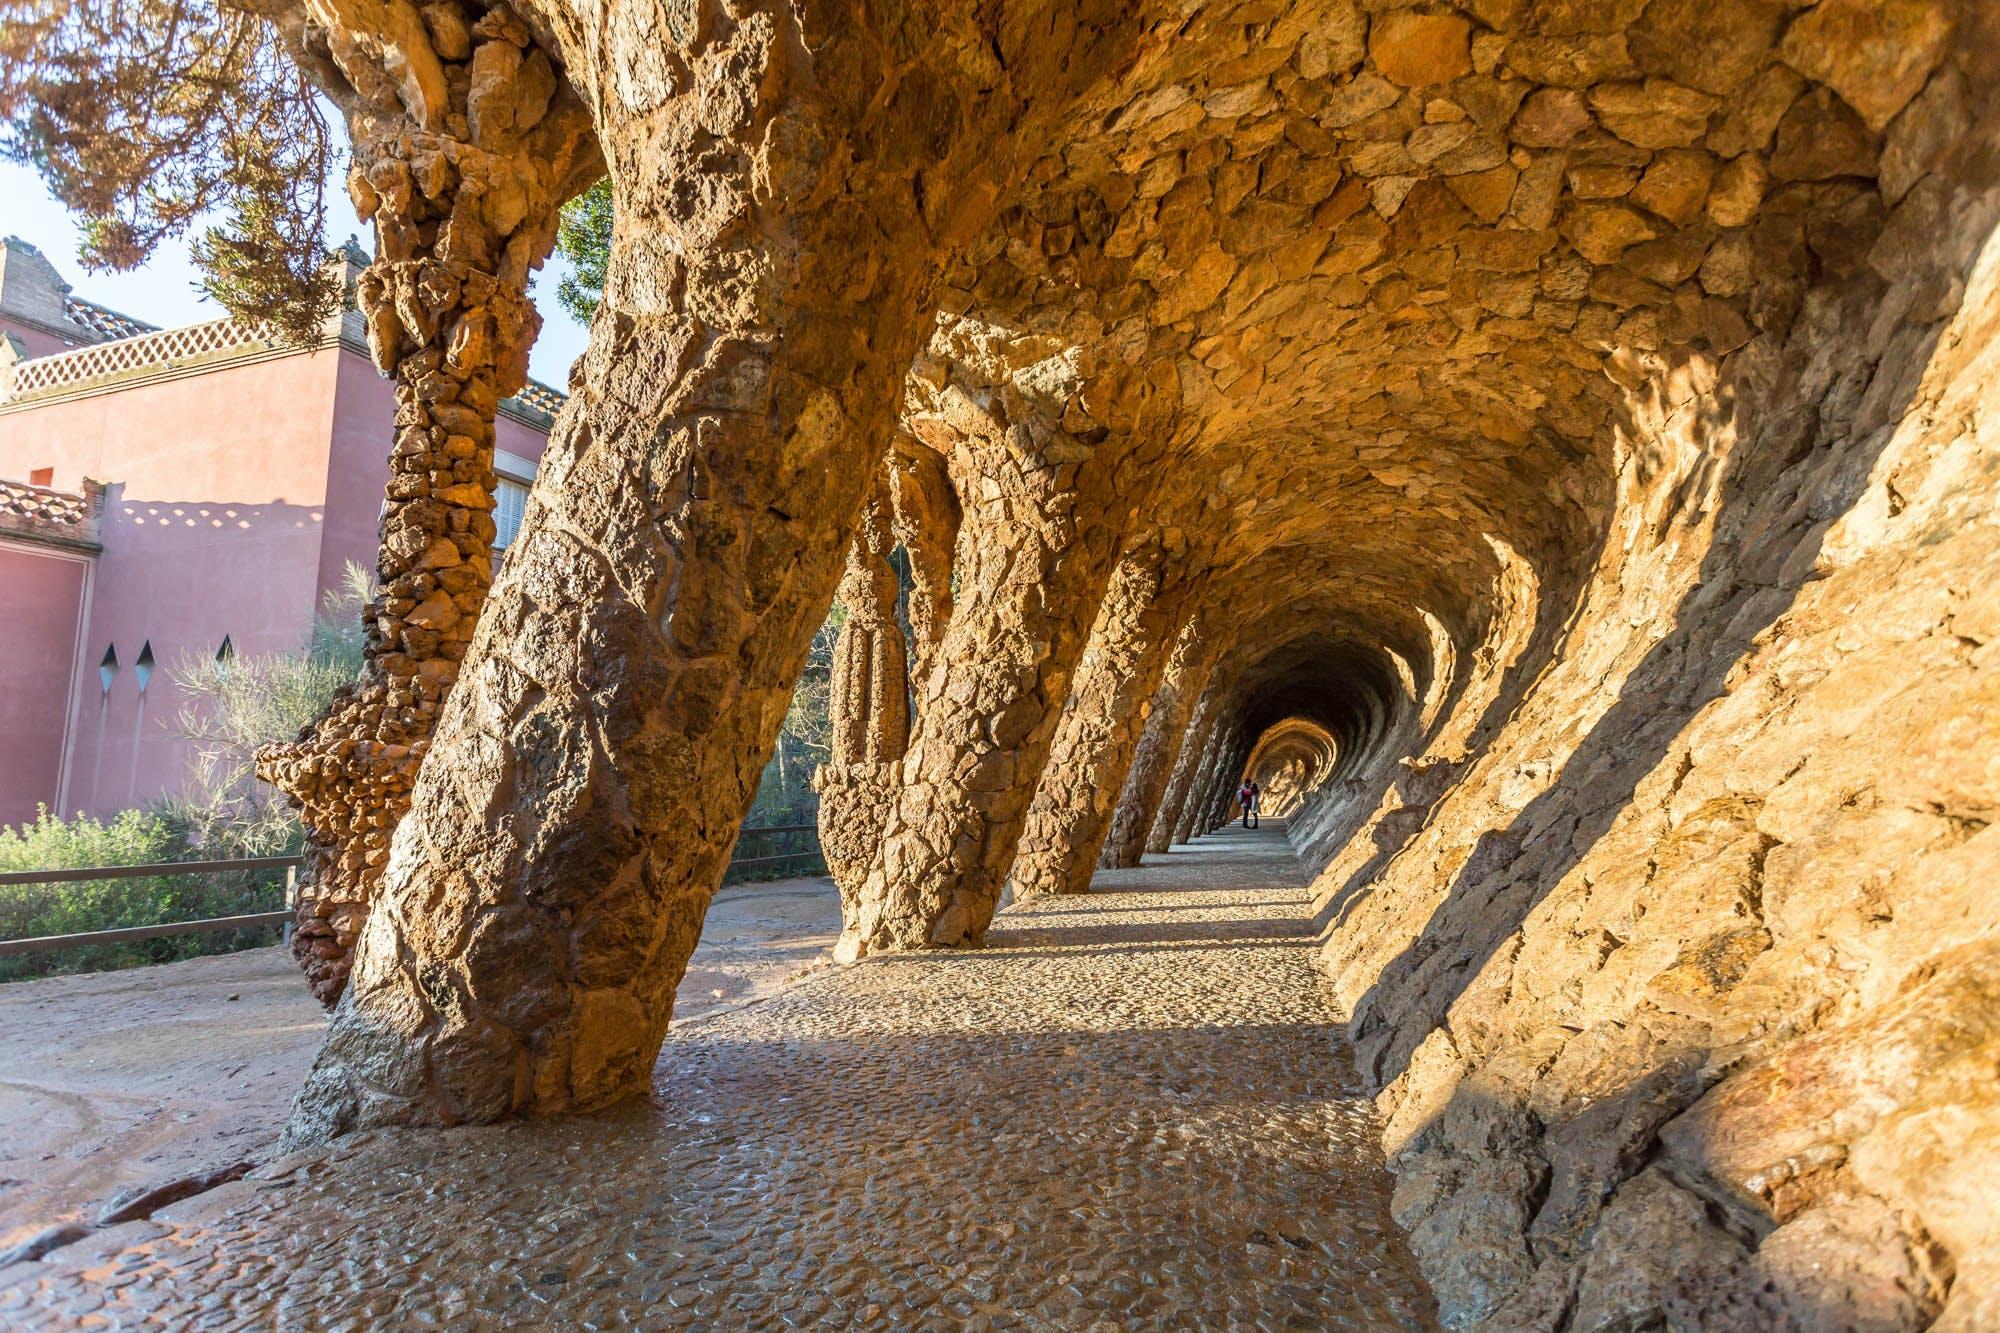 Tickets, museos, atracciones,Tickets, museums, attractions,Entradas a atracciones principales,Major attractions tickets,Sagrada Familia,Sagrada Familia,Parc Güell,Parc Güell